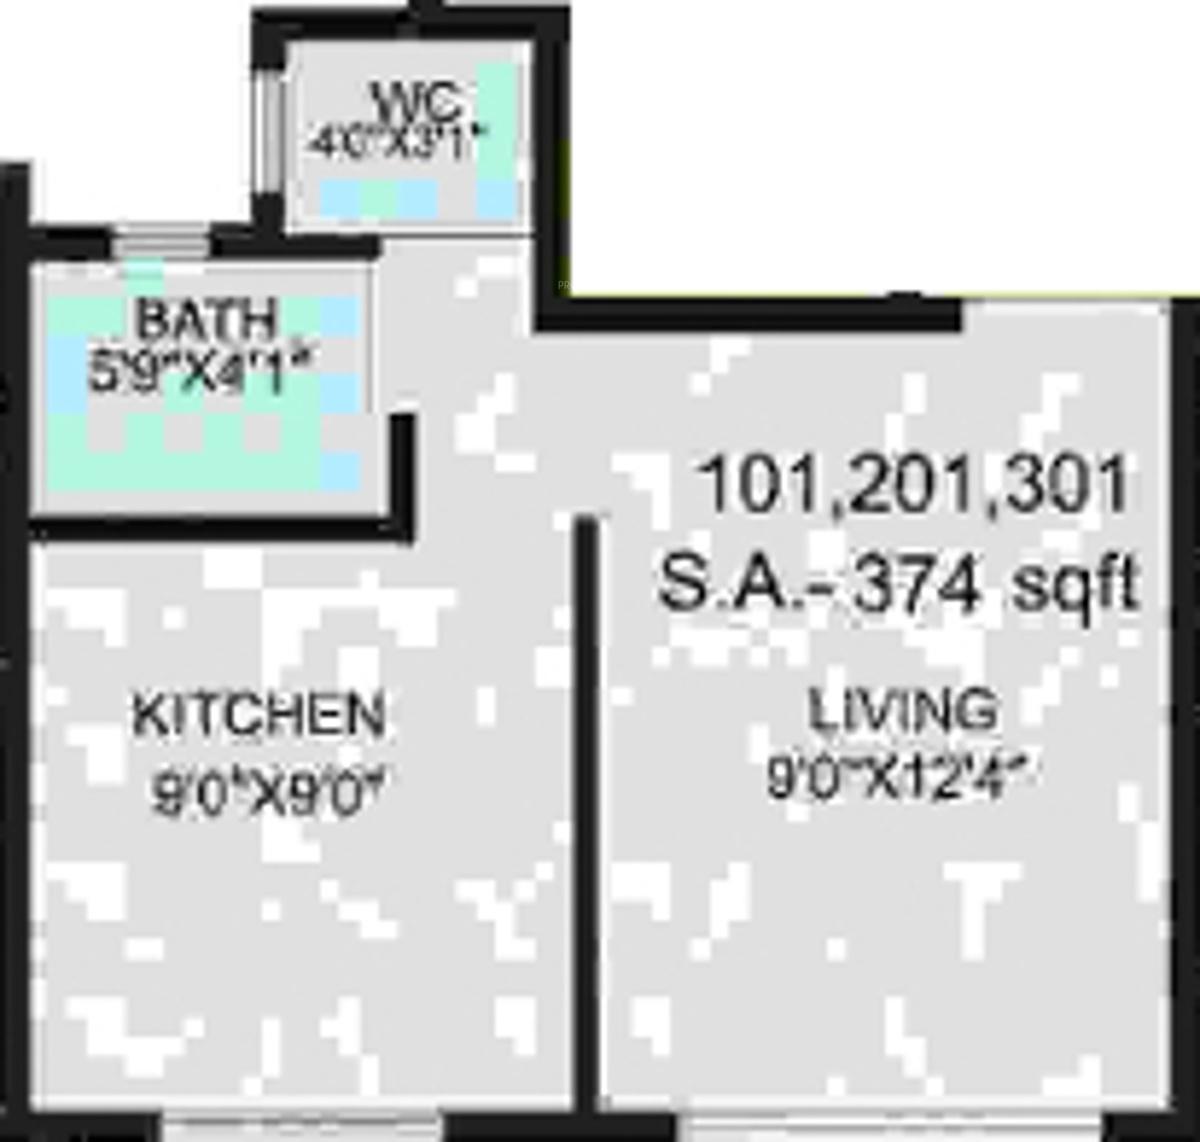 Prayag bathroom fittings price list - 21 34